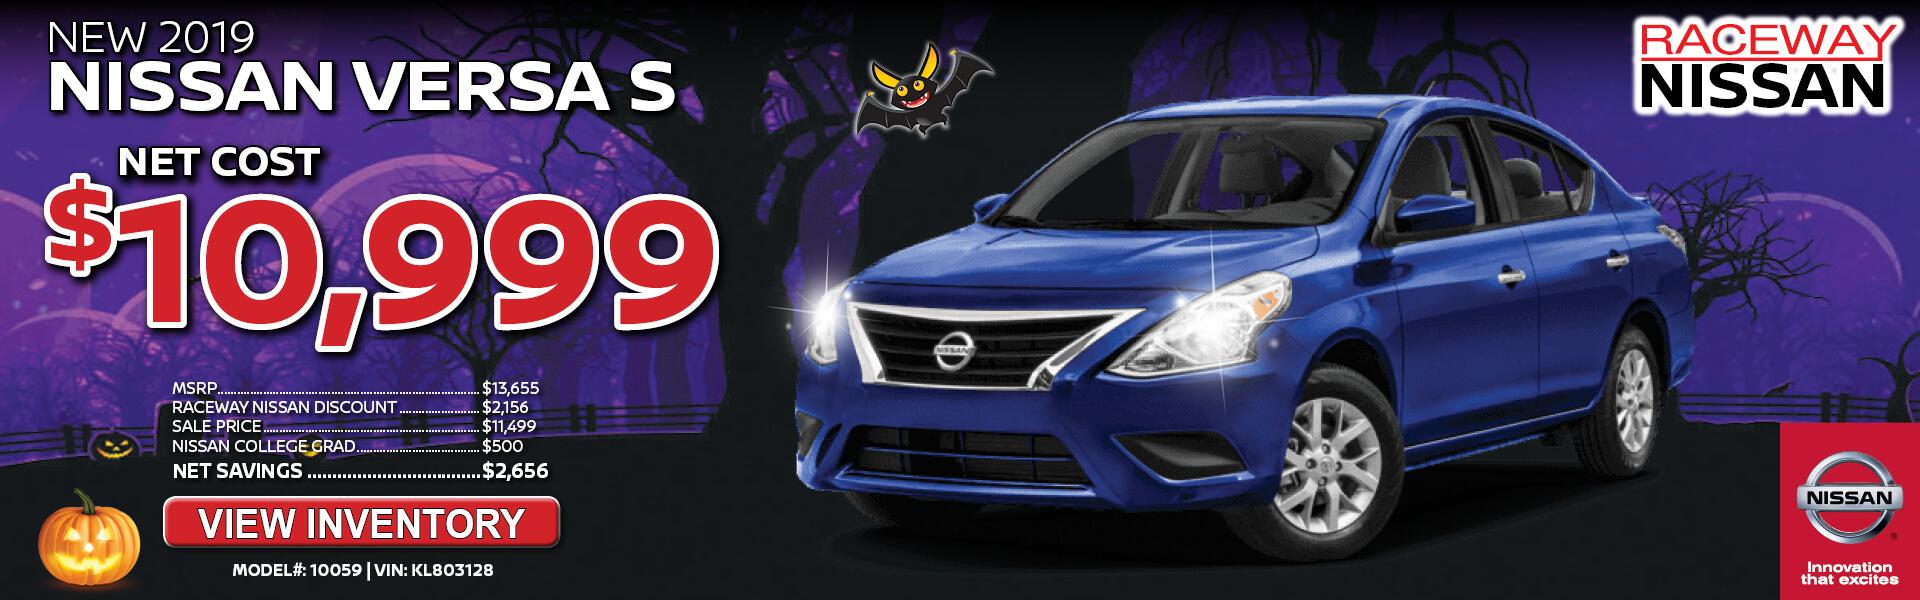 Nissan Versa $10,999 Purchase